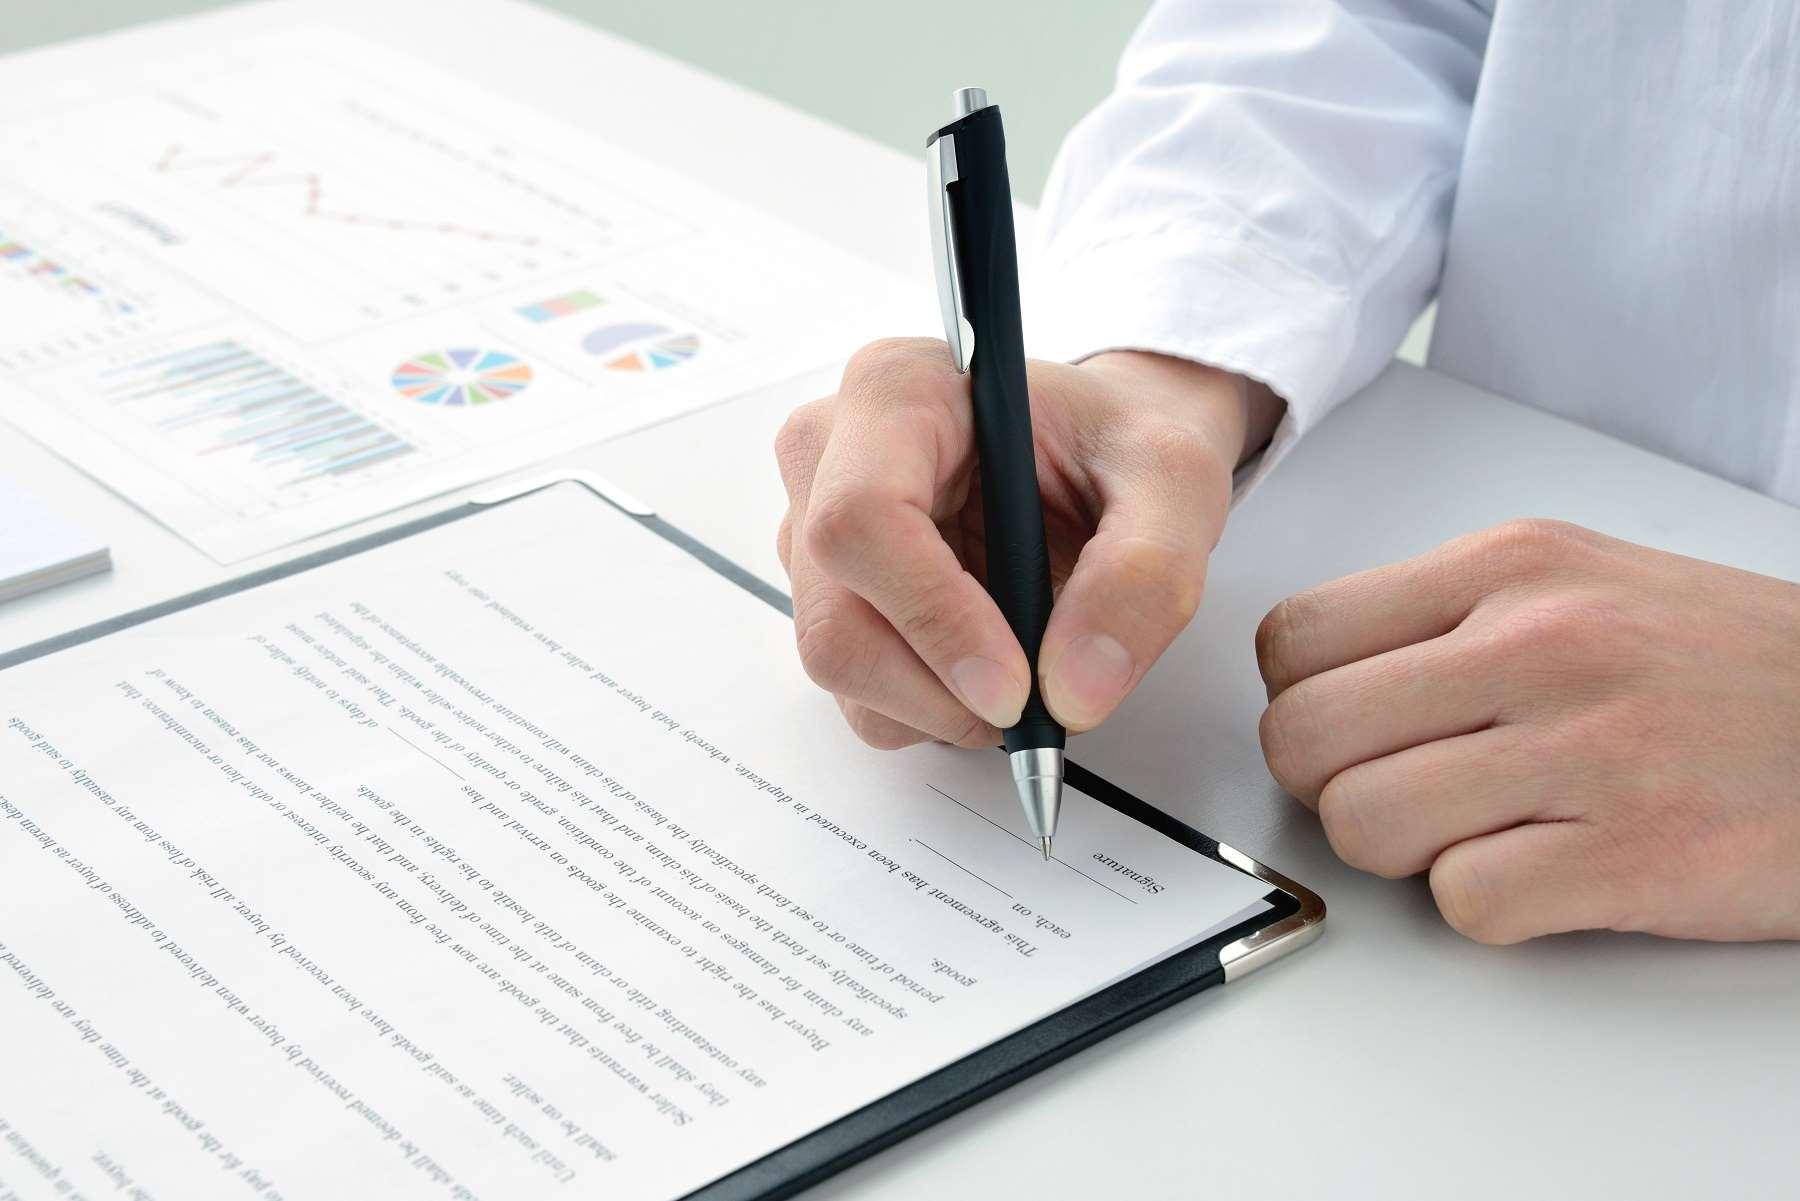 Umowa agencyjna – czym jest i kiedy warto ją stosować? Pobierz darmowy wzór.